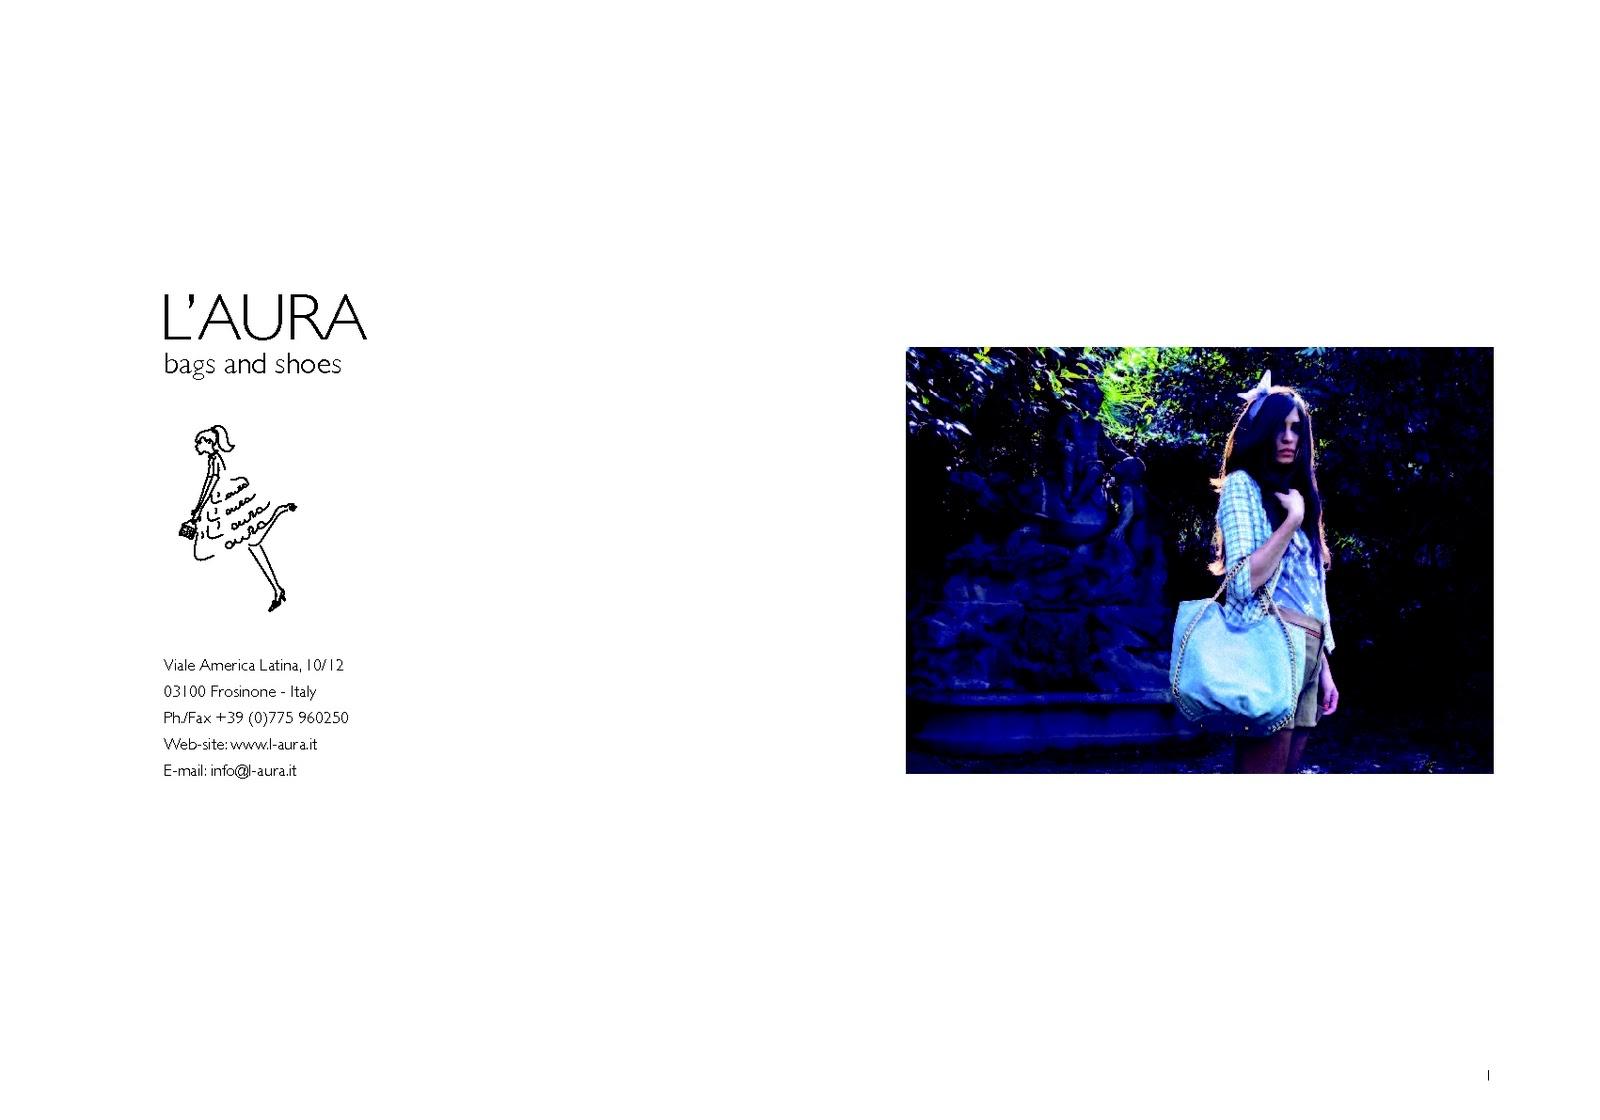 Le maxi borse dell estate L AURA hanno dimensioni volutamente esagerate 922a0a00084